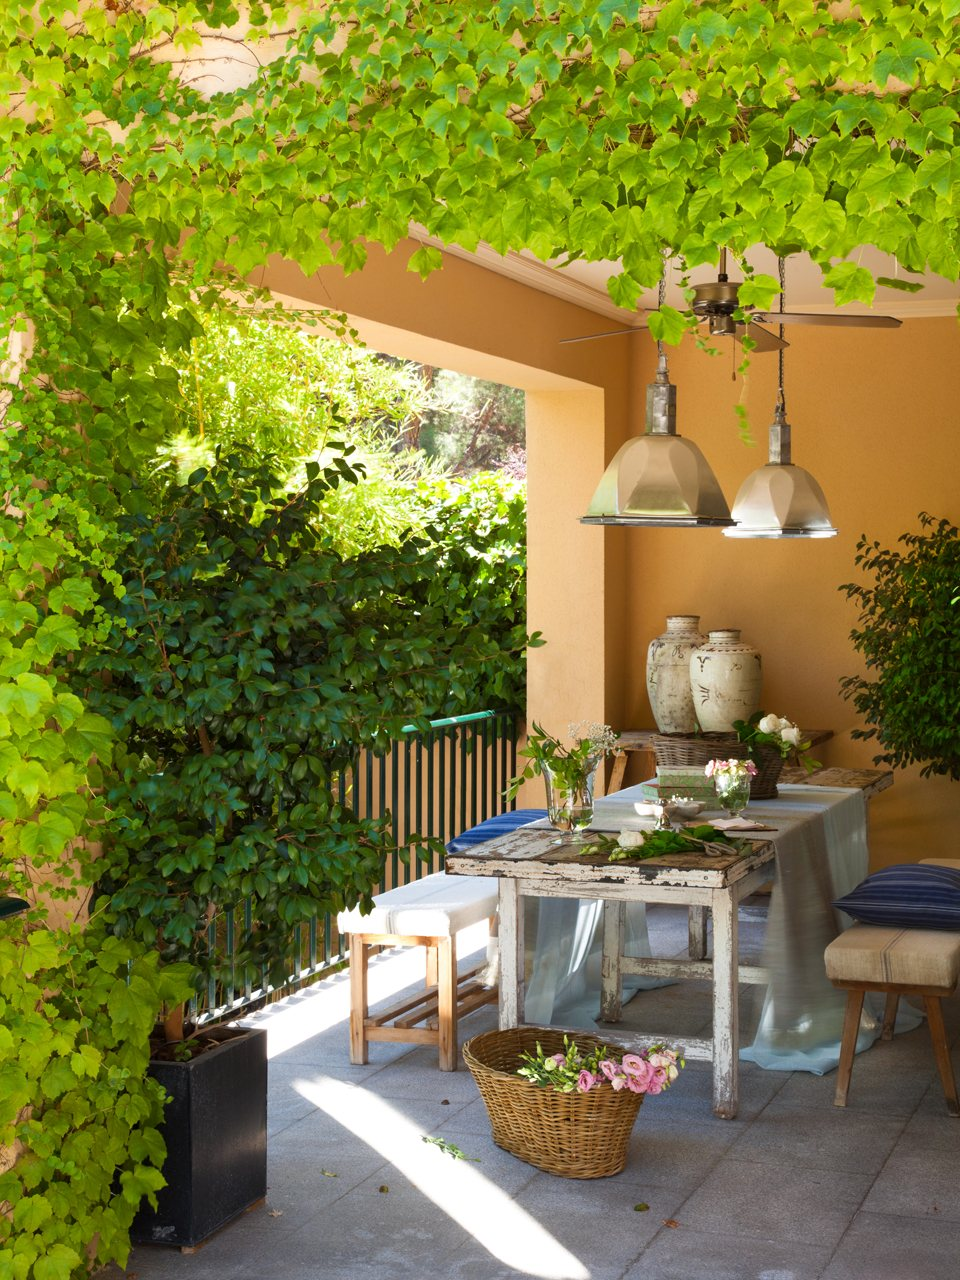 Casa y jard n en verdes y azules for Casa y jardin tienda madrid